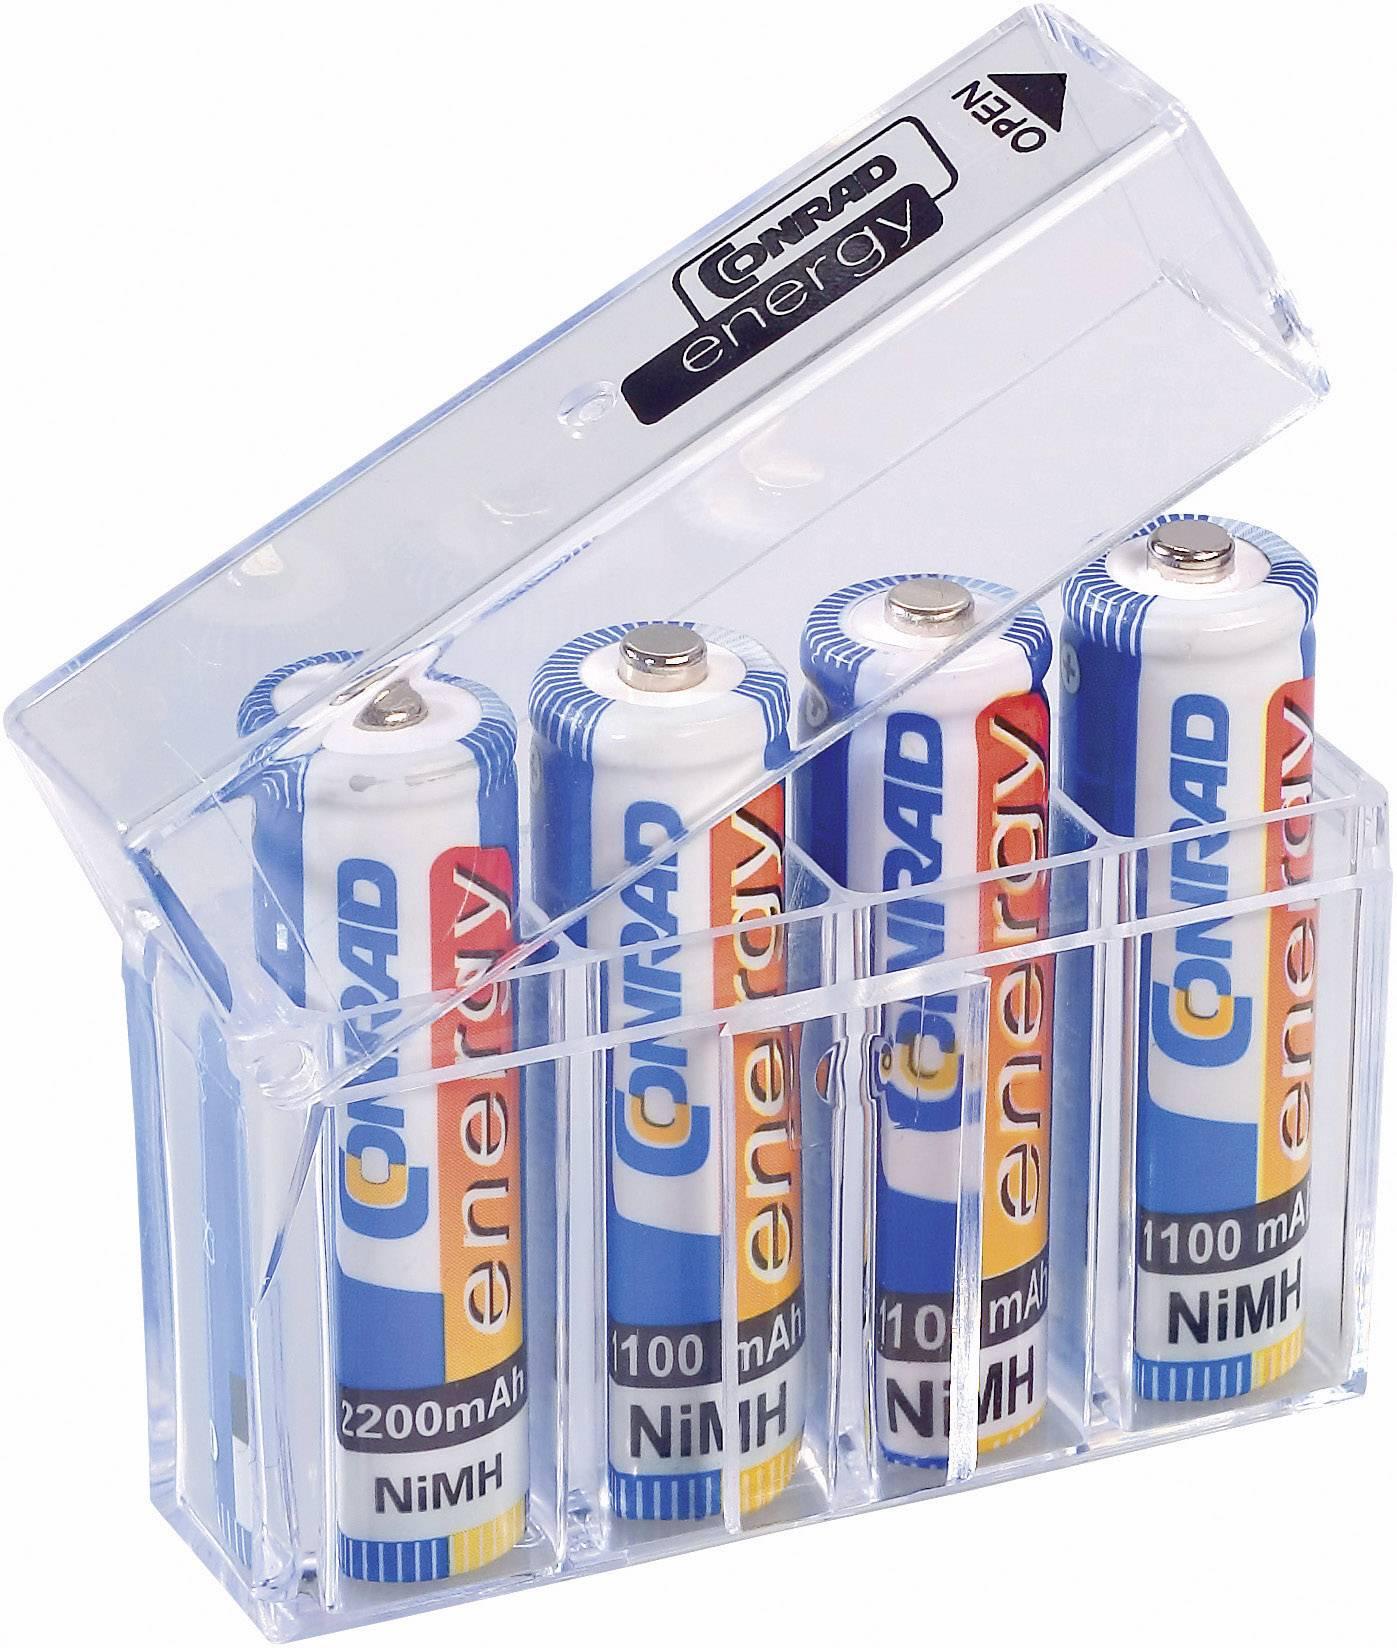 Příslušenství pro baterie, akumulátory a nabíječky